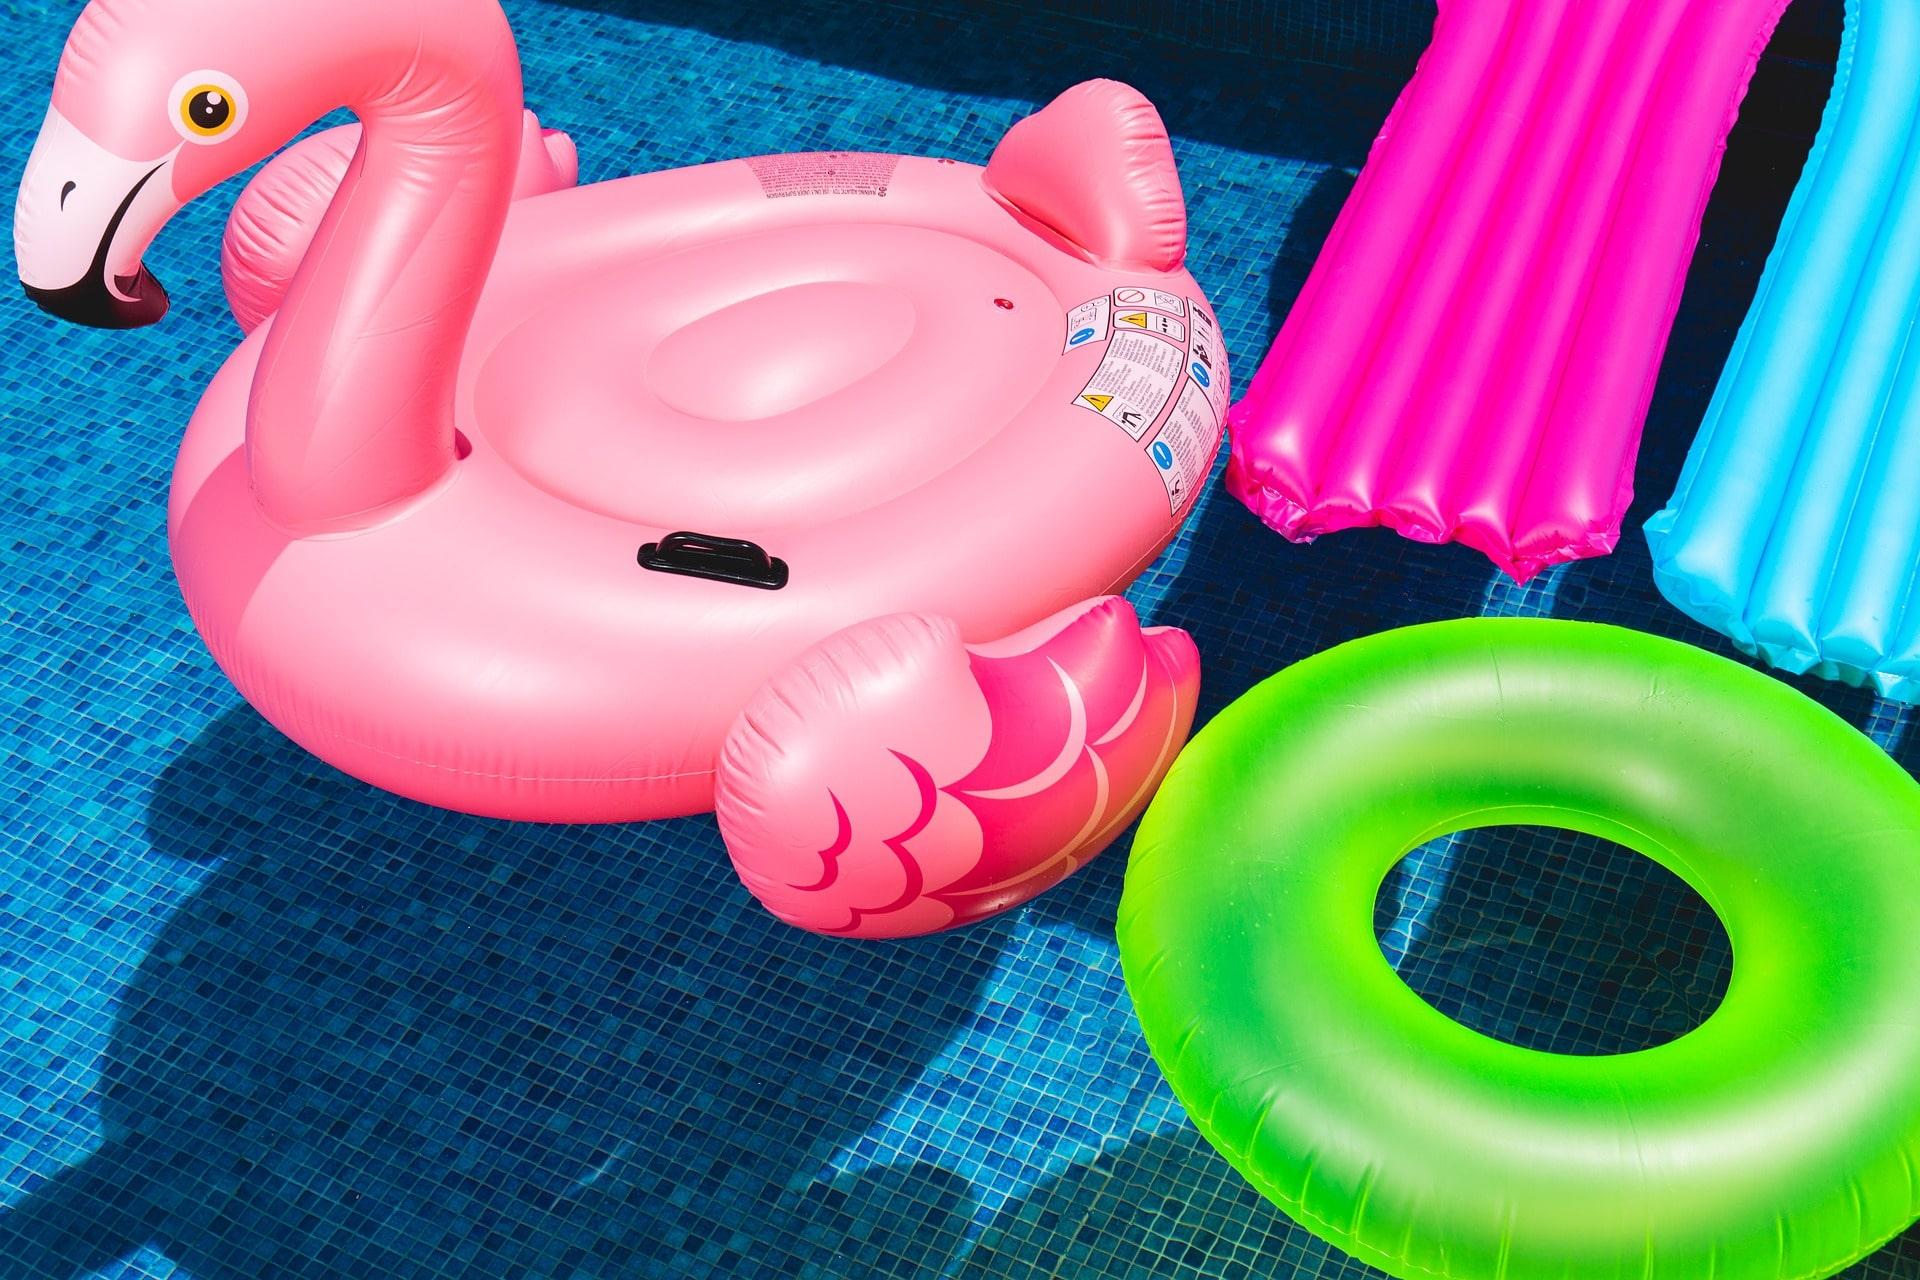 Détente assurée avec les matelas gonflables pour piscine ! - Deladeco.fr badffdb7f14a